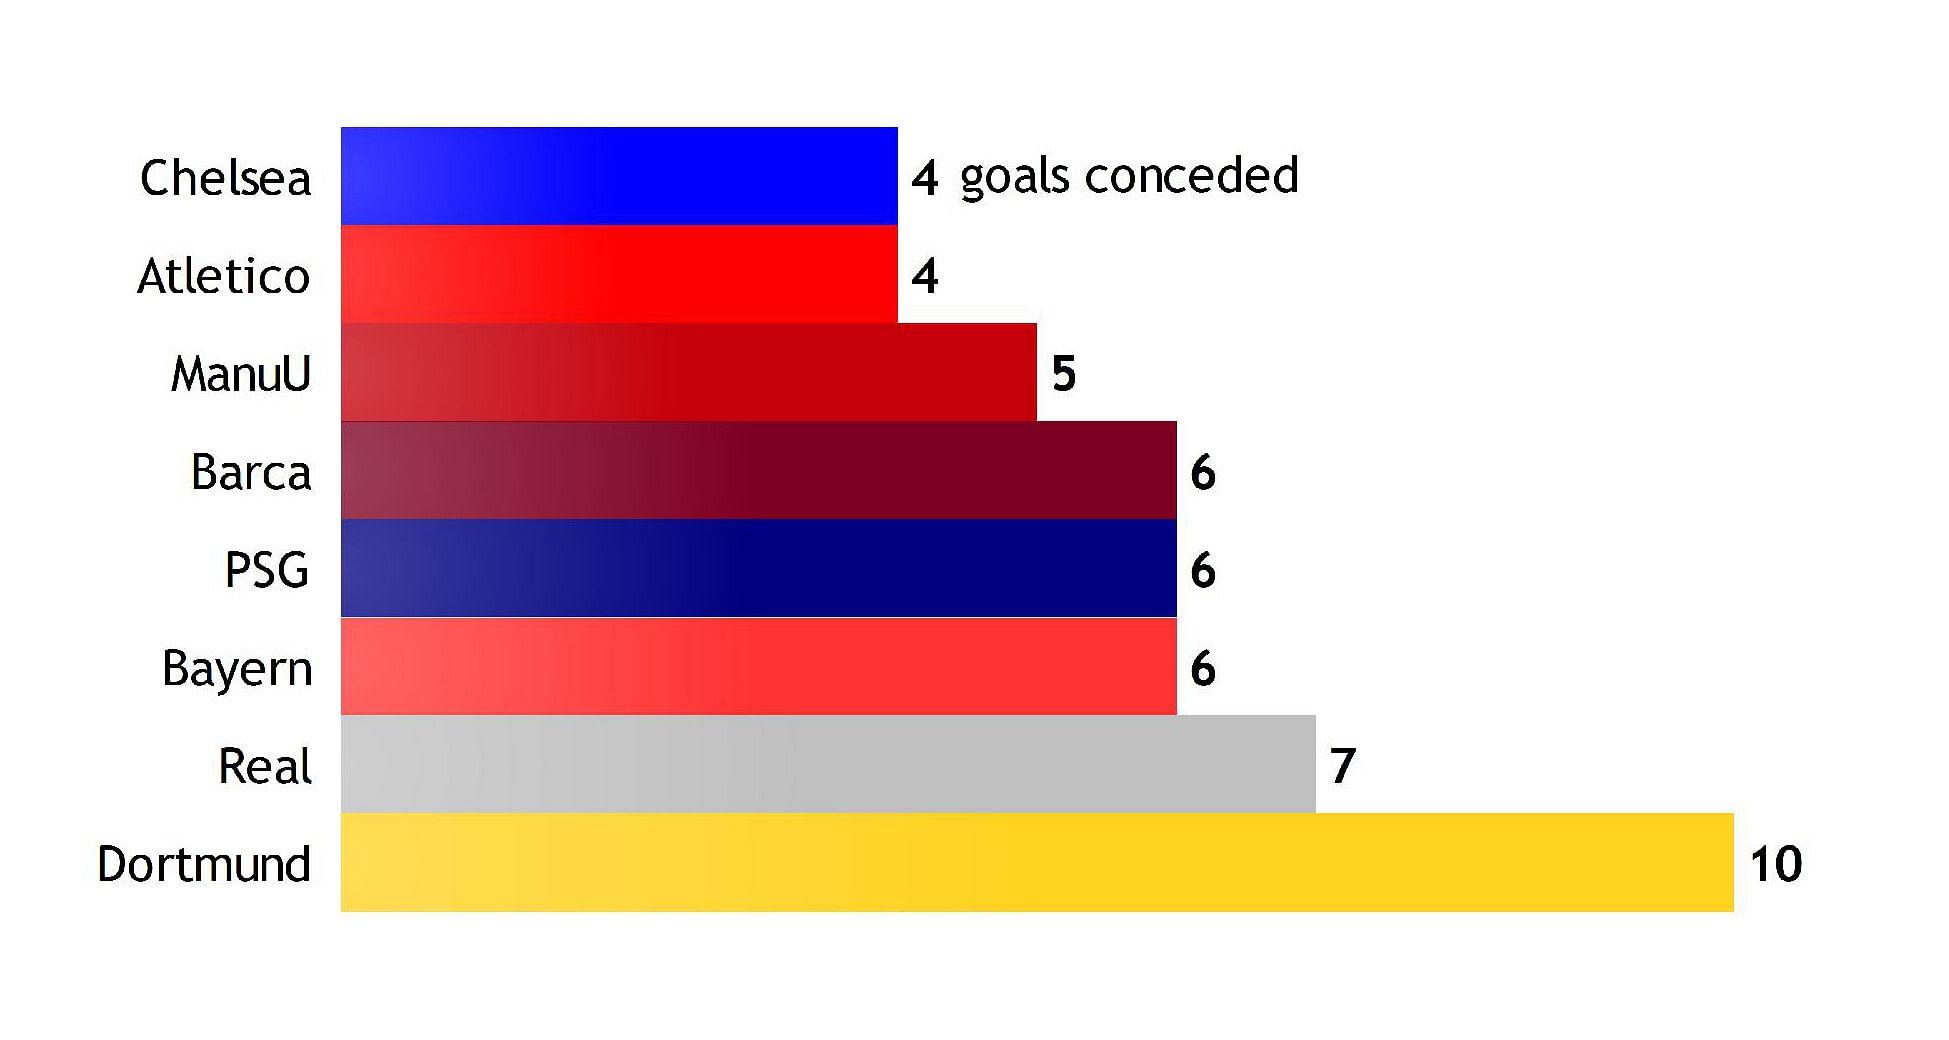 champions league finals statistics